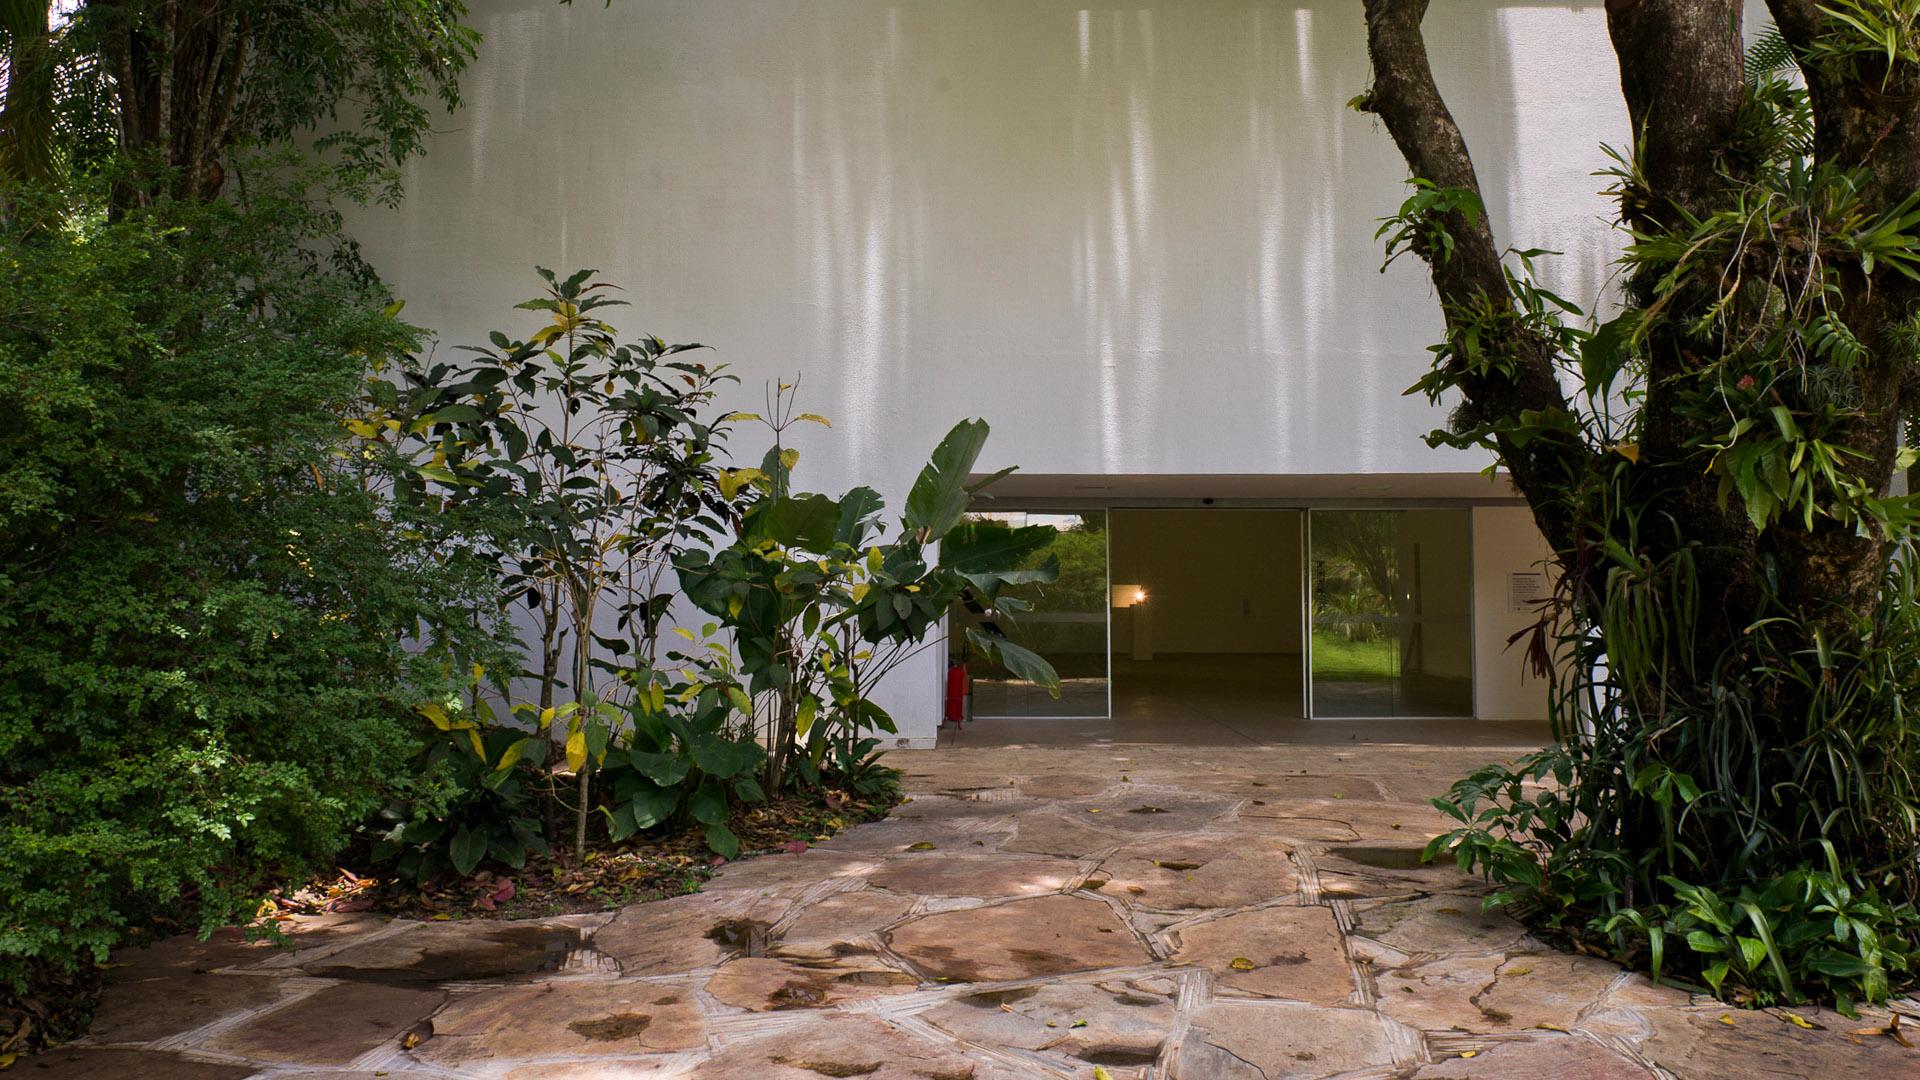 Galeria Lago Inhotim